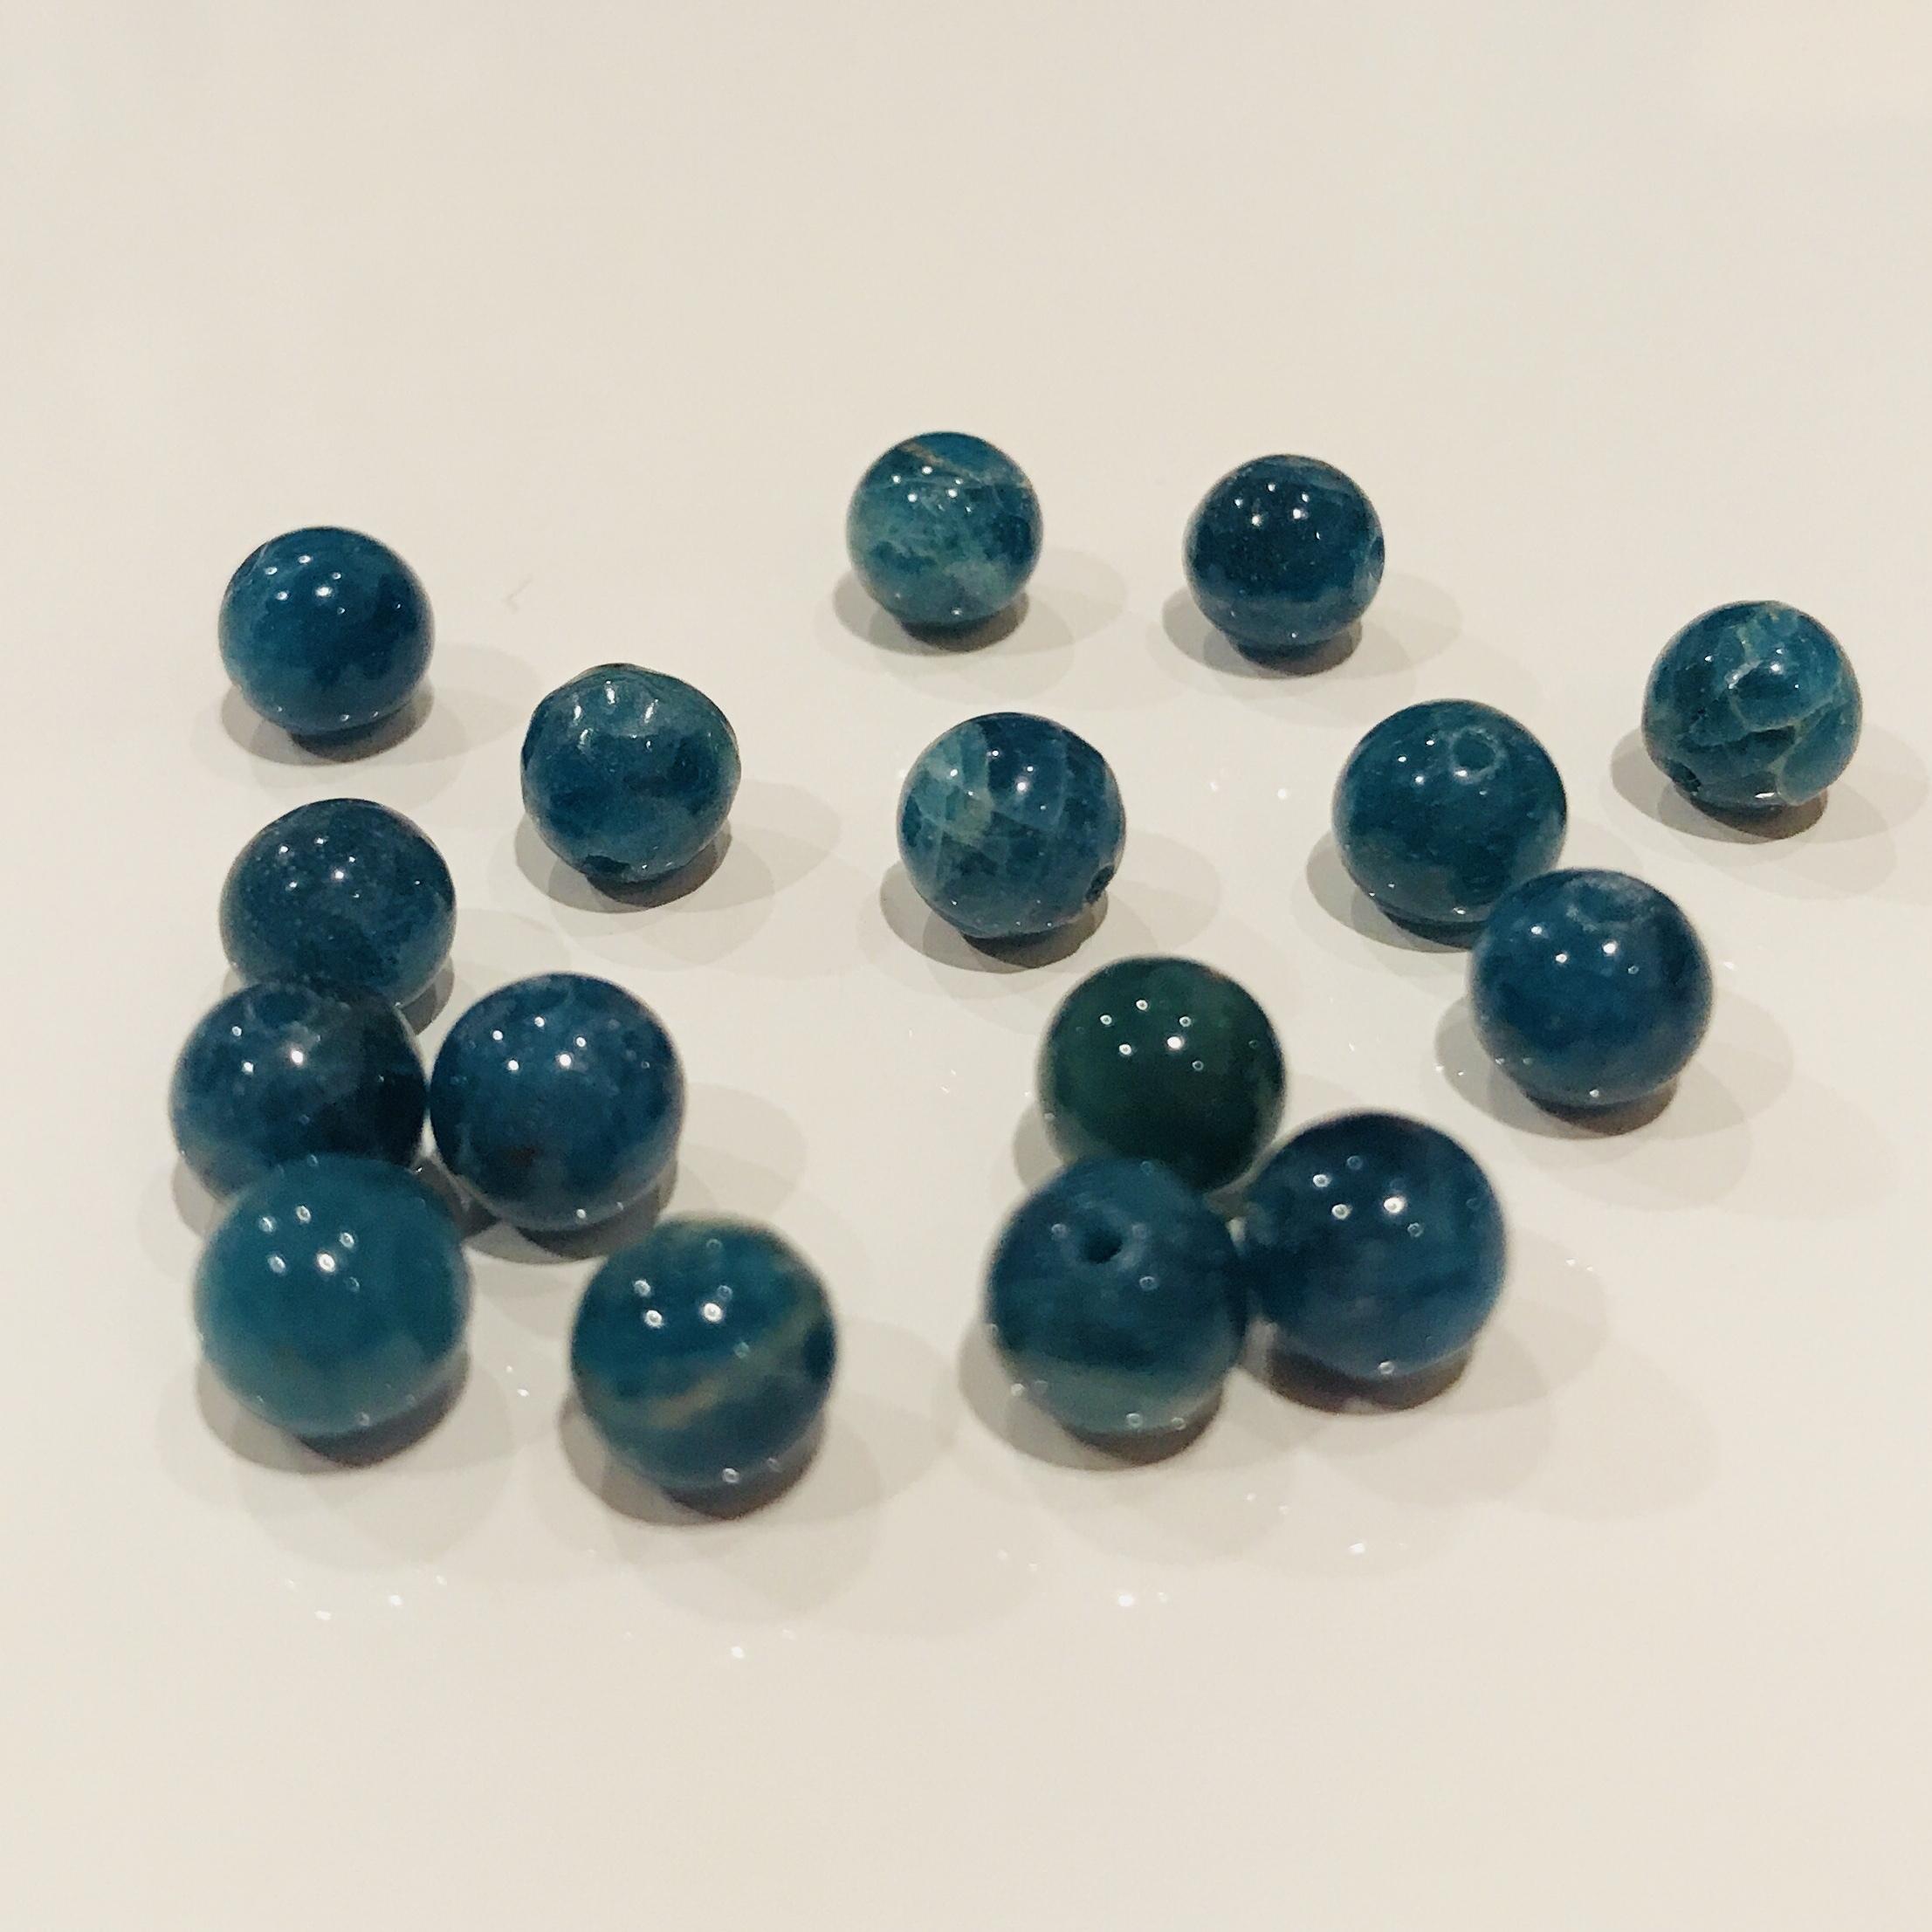 癒しの石|ブルーアパタイト 6mm玉